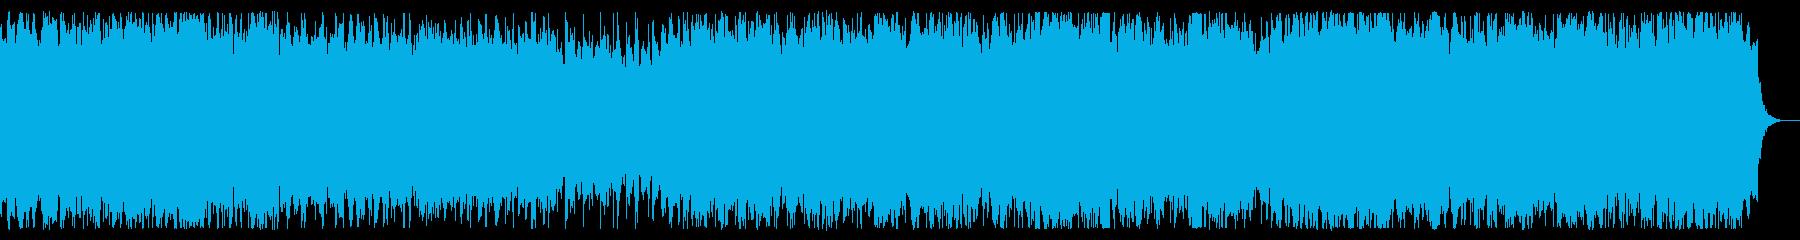 ポップに爽快 シンセサイザーBGMの再生済みの波形